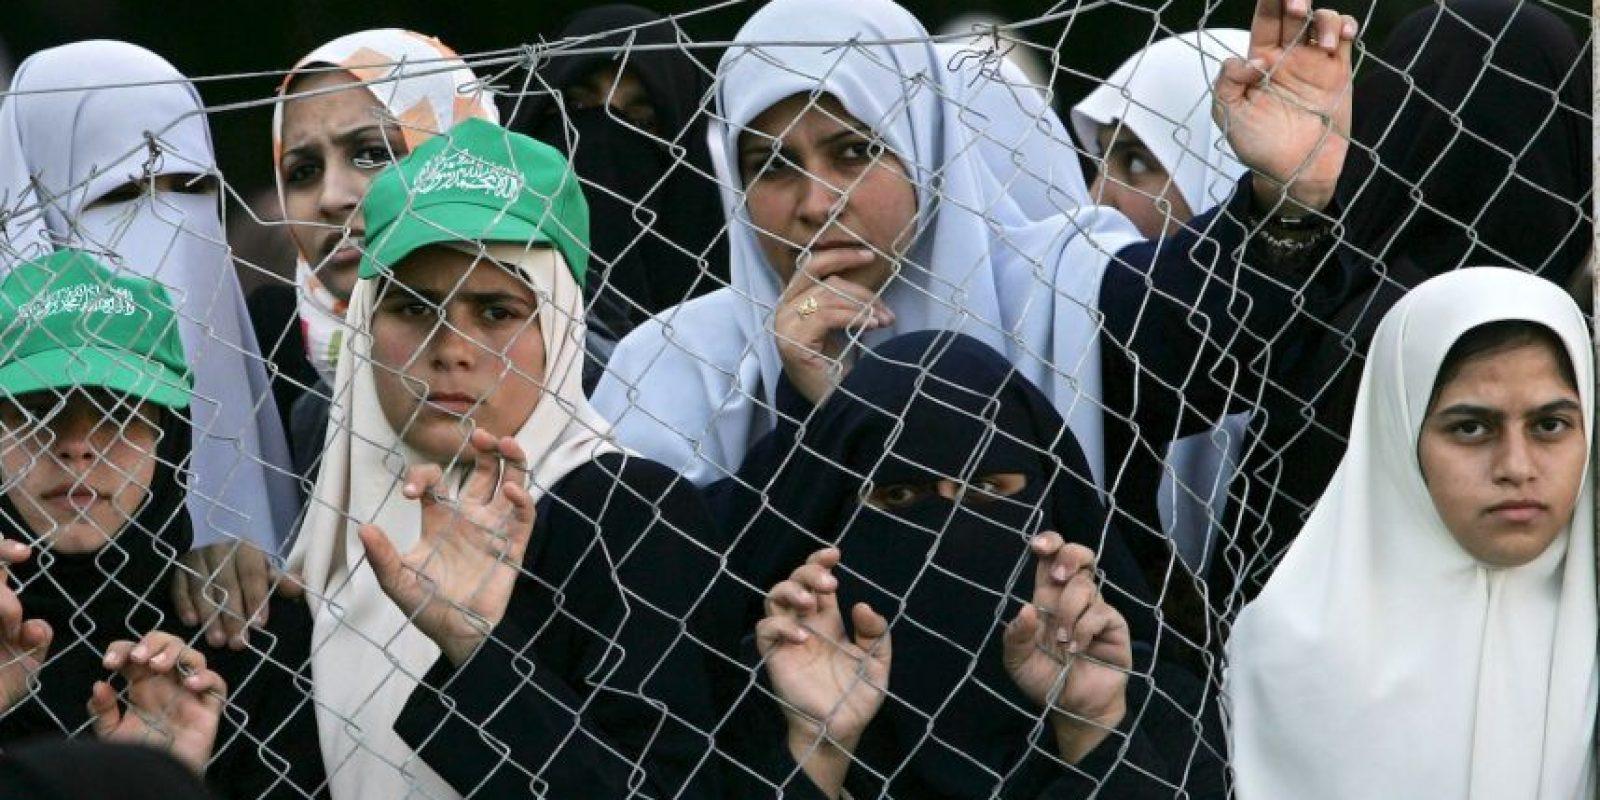 Miles de sirios han tenido que abandonar su territorio debido a la difícil situación que se vive en su país. Foto:Getty Images